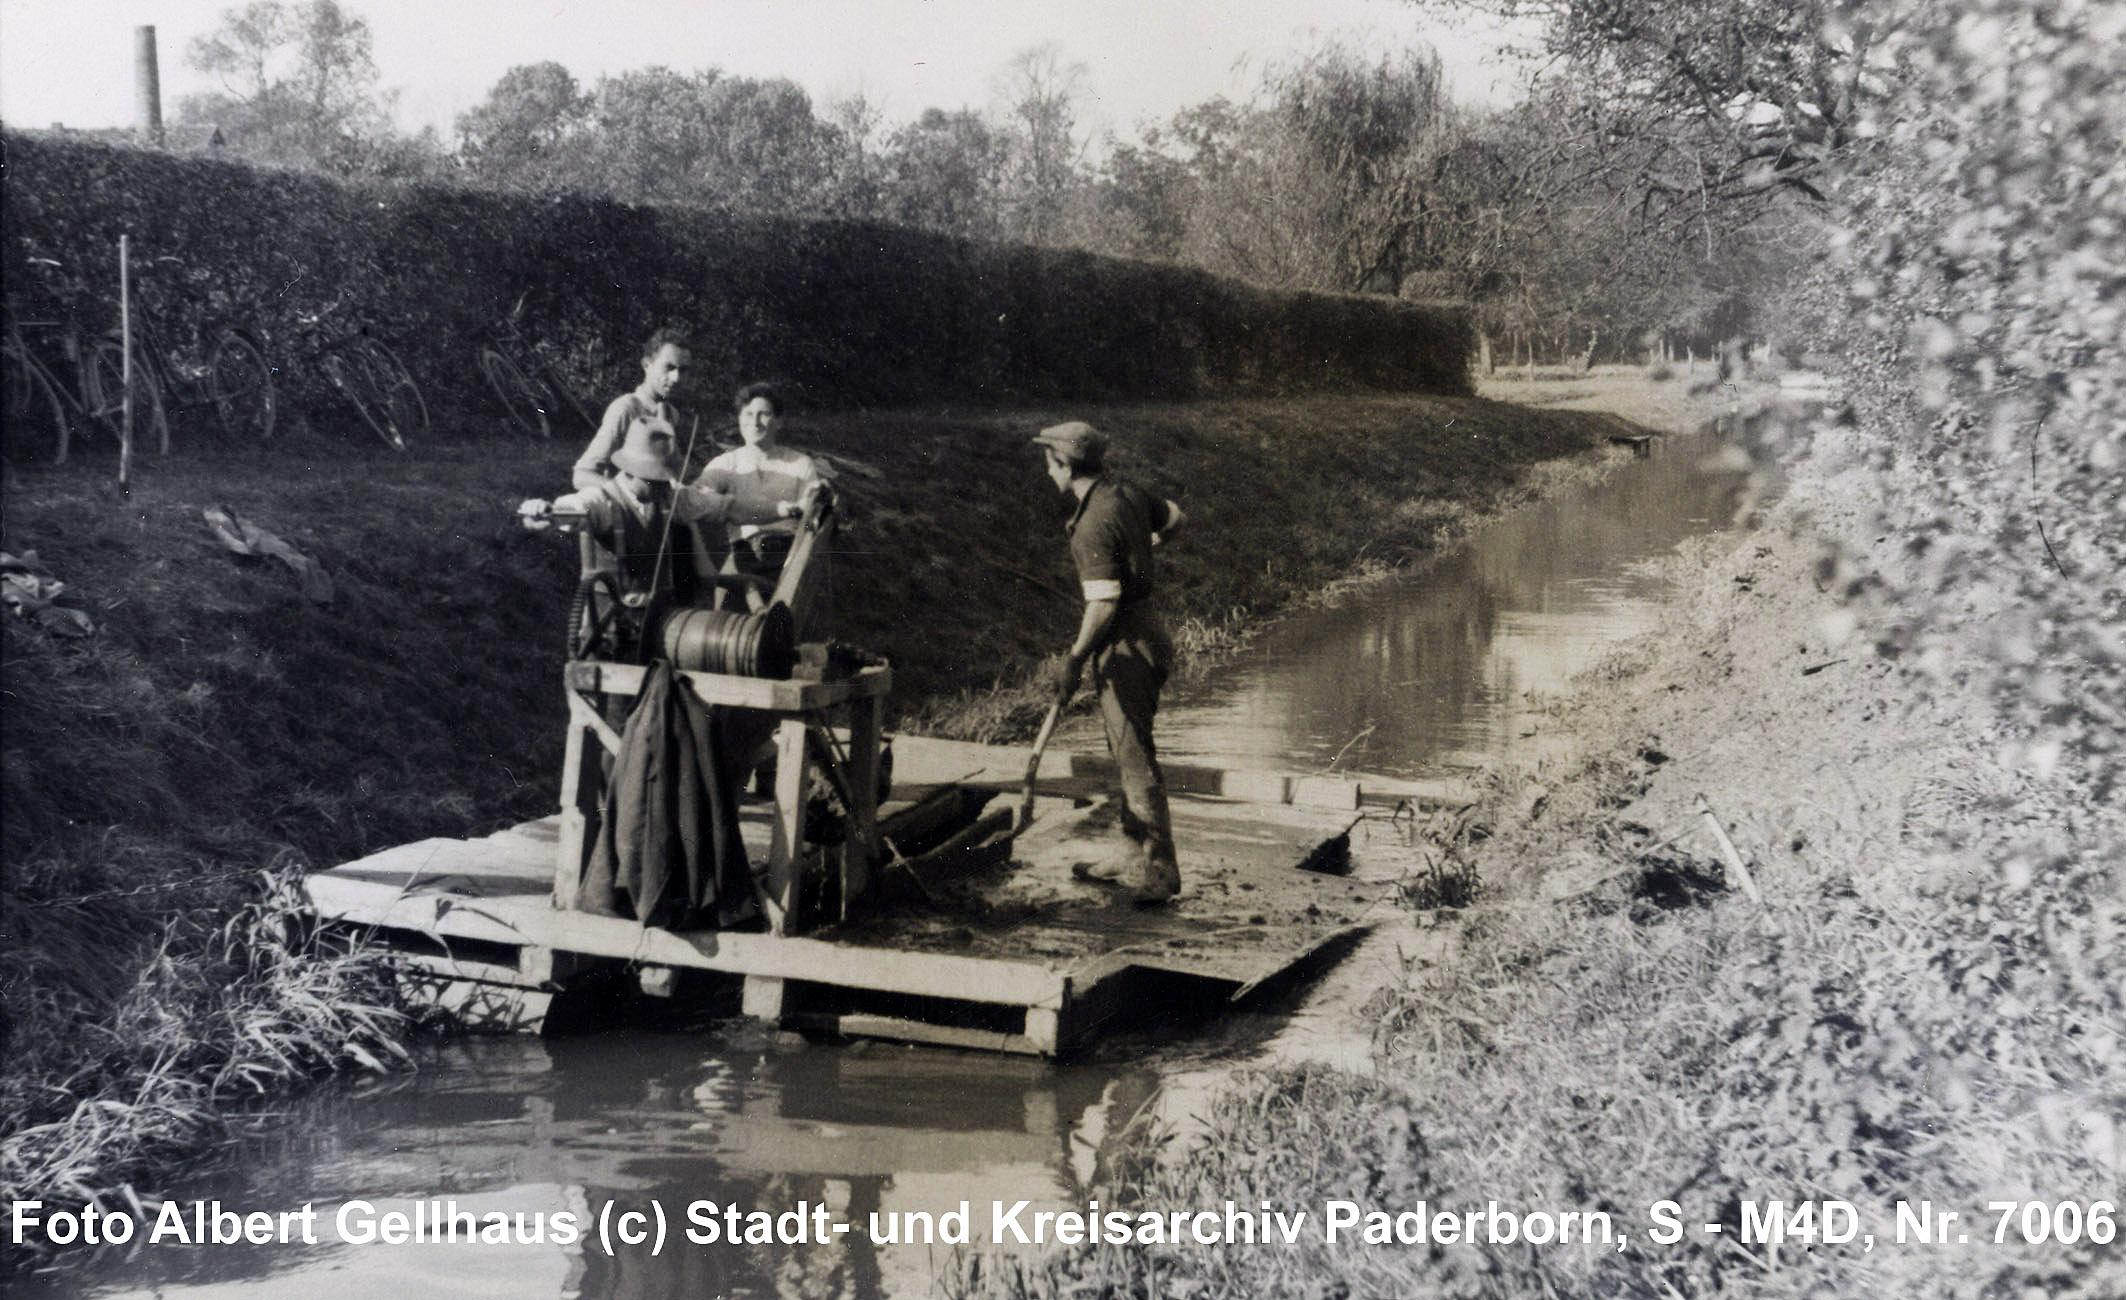 """Mechanische """"Reinigung des Schlachthofkanals"""", Sommer 1940 (Stadt- und KreisA Paderborn, Foto A. Gellhaus, S-M4D, Nr. 7006)"""